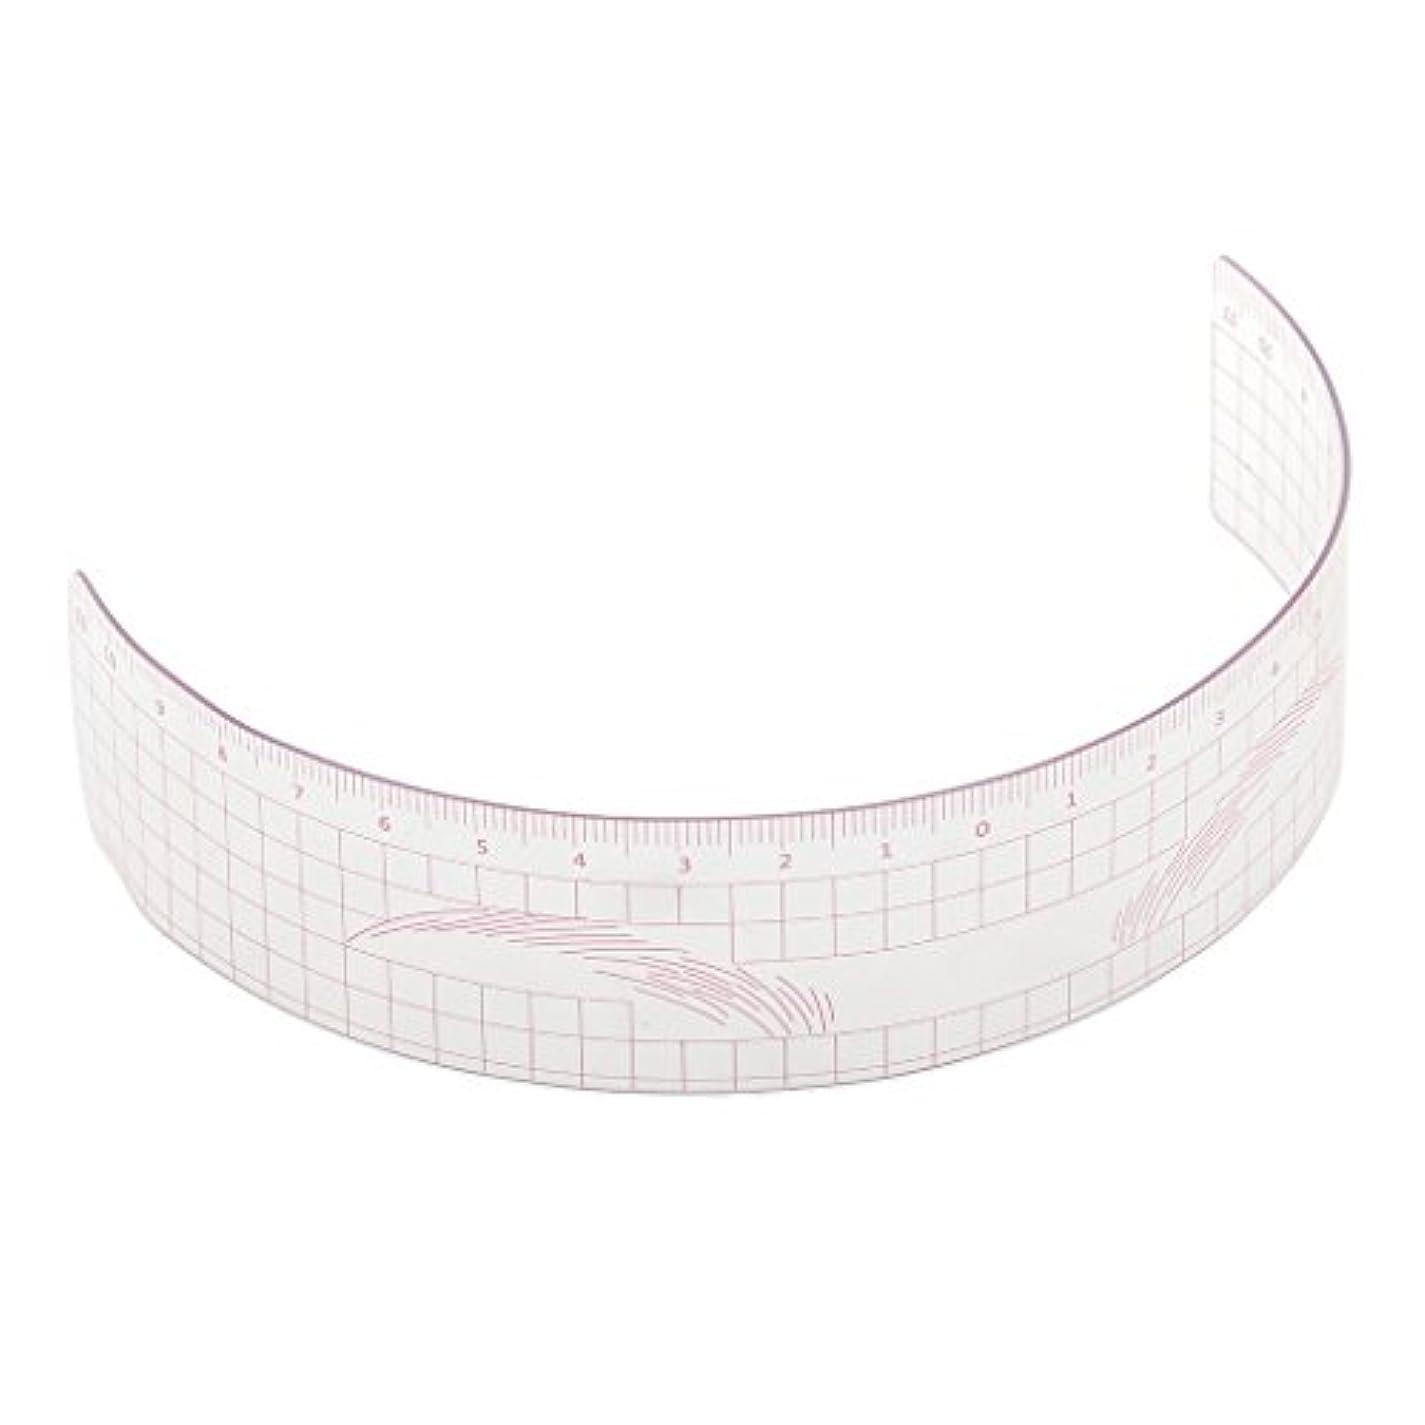 申請中容疑者料理P Prettyia 眉毛の定規 眉毛ステンシル 眉毛ルーラー 測定用 ルーラー マイクロブレード 再利用可能 全3色 - ピンク